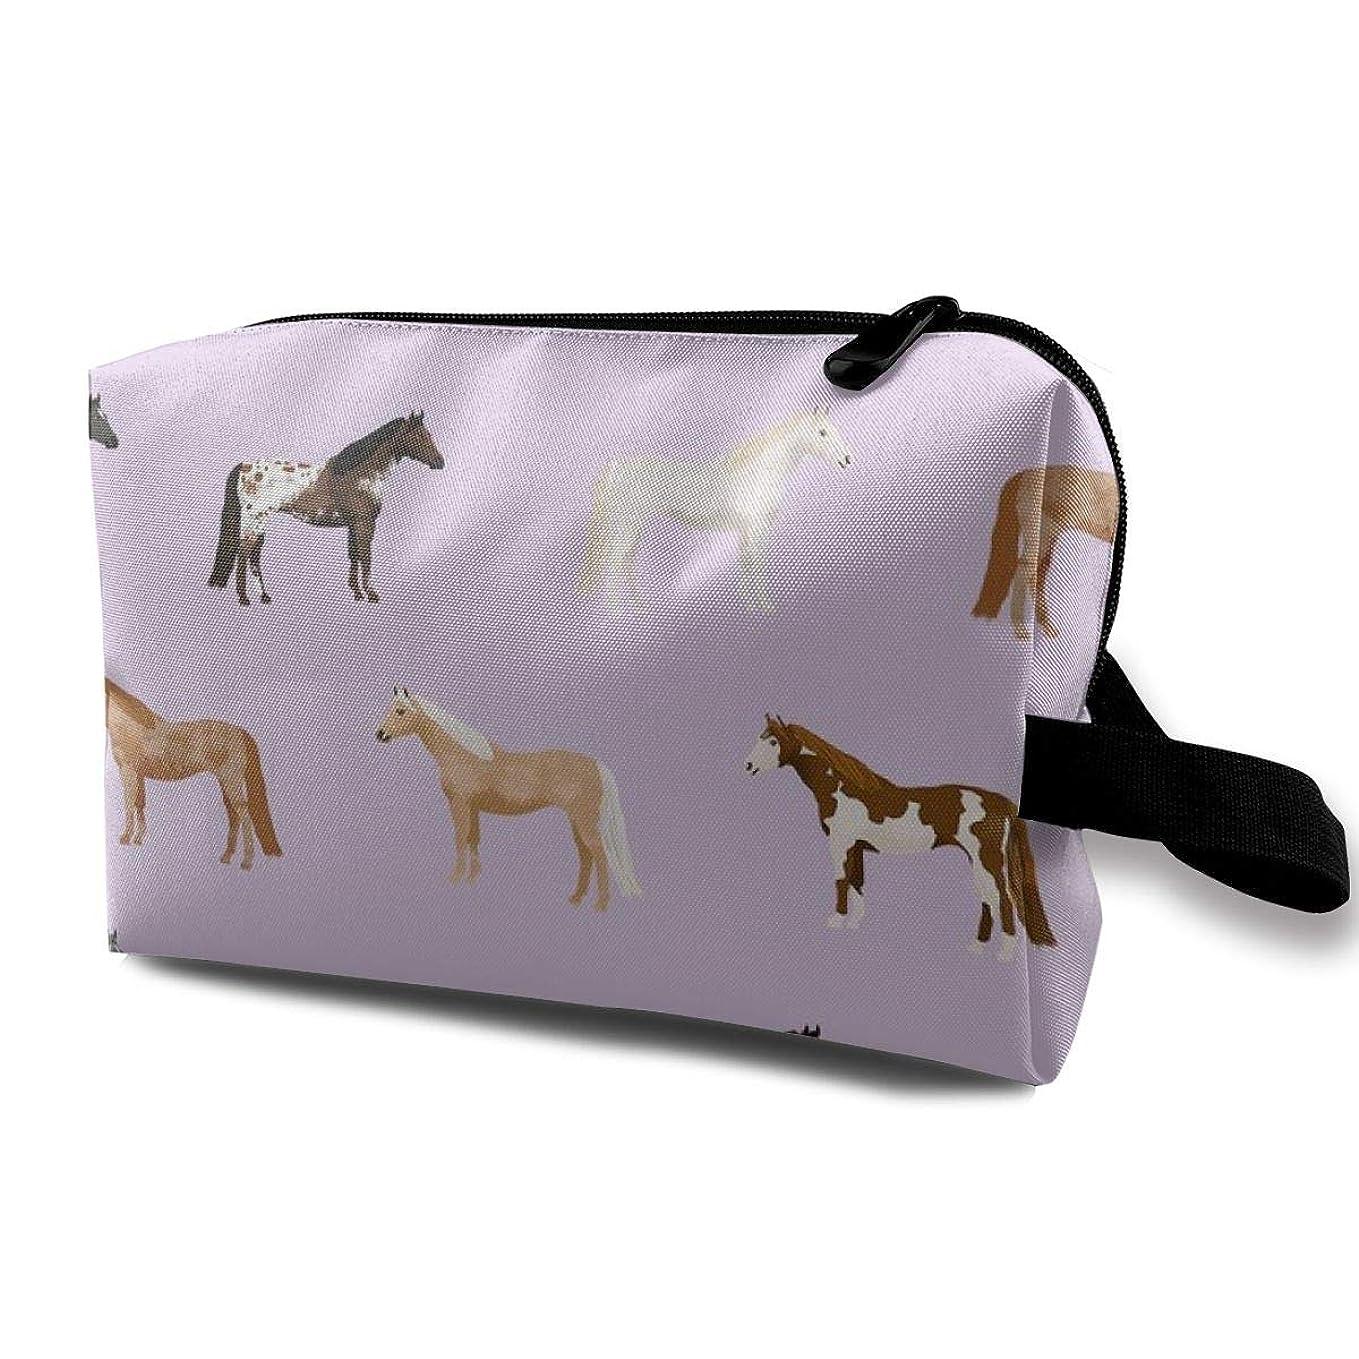 男個人花瓶化粧ポーチ コンパクトサイズ,馬のコート馬の品種馬生地Purple_3450、オックスフォード布カラフルバッグミニ旅行